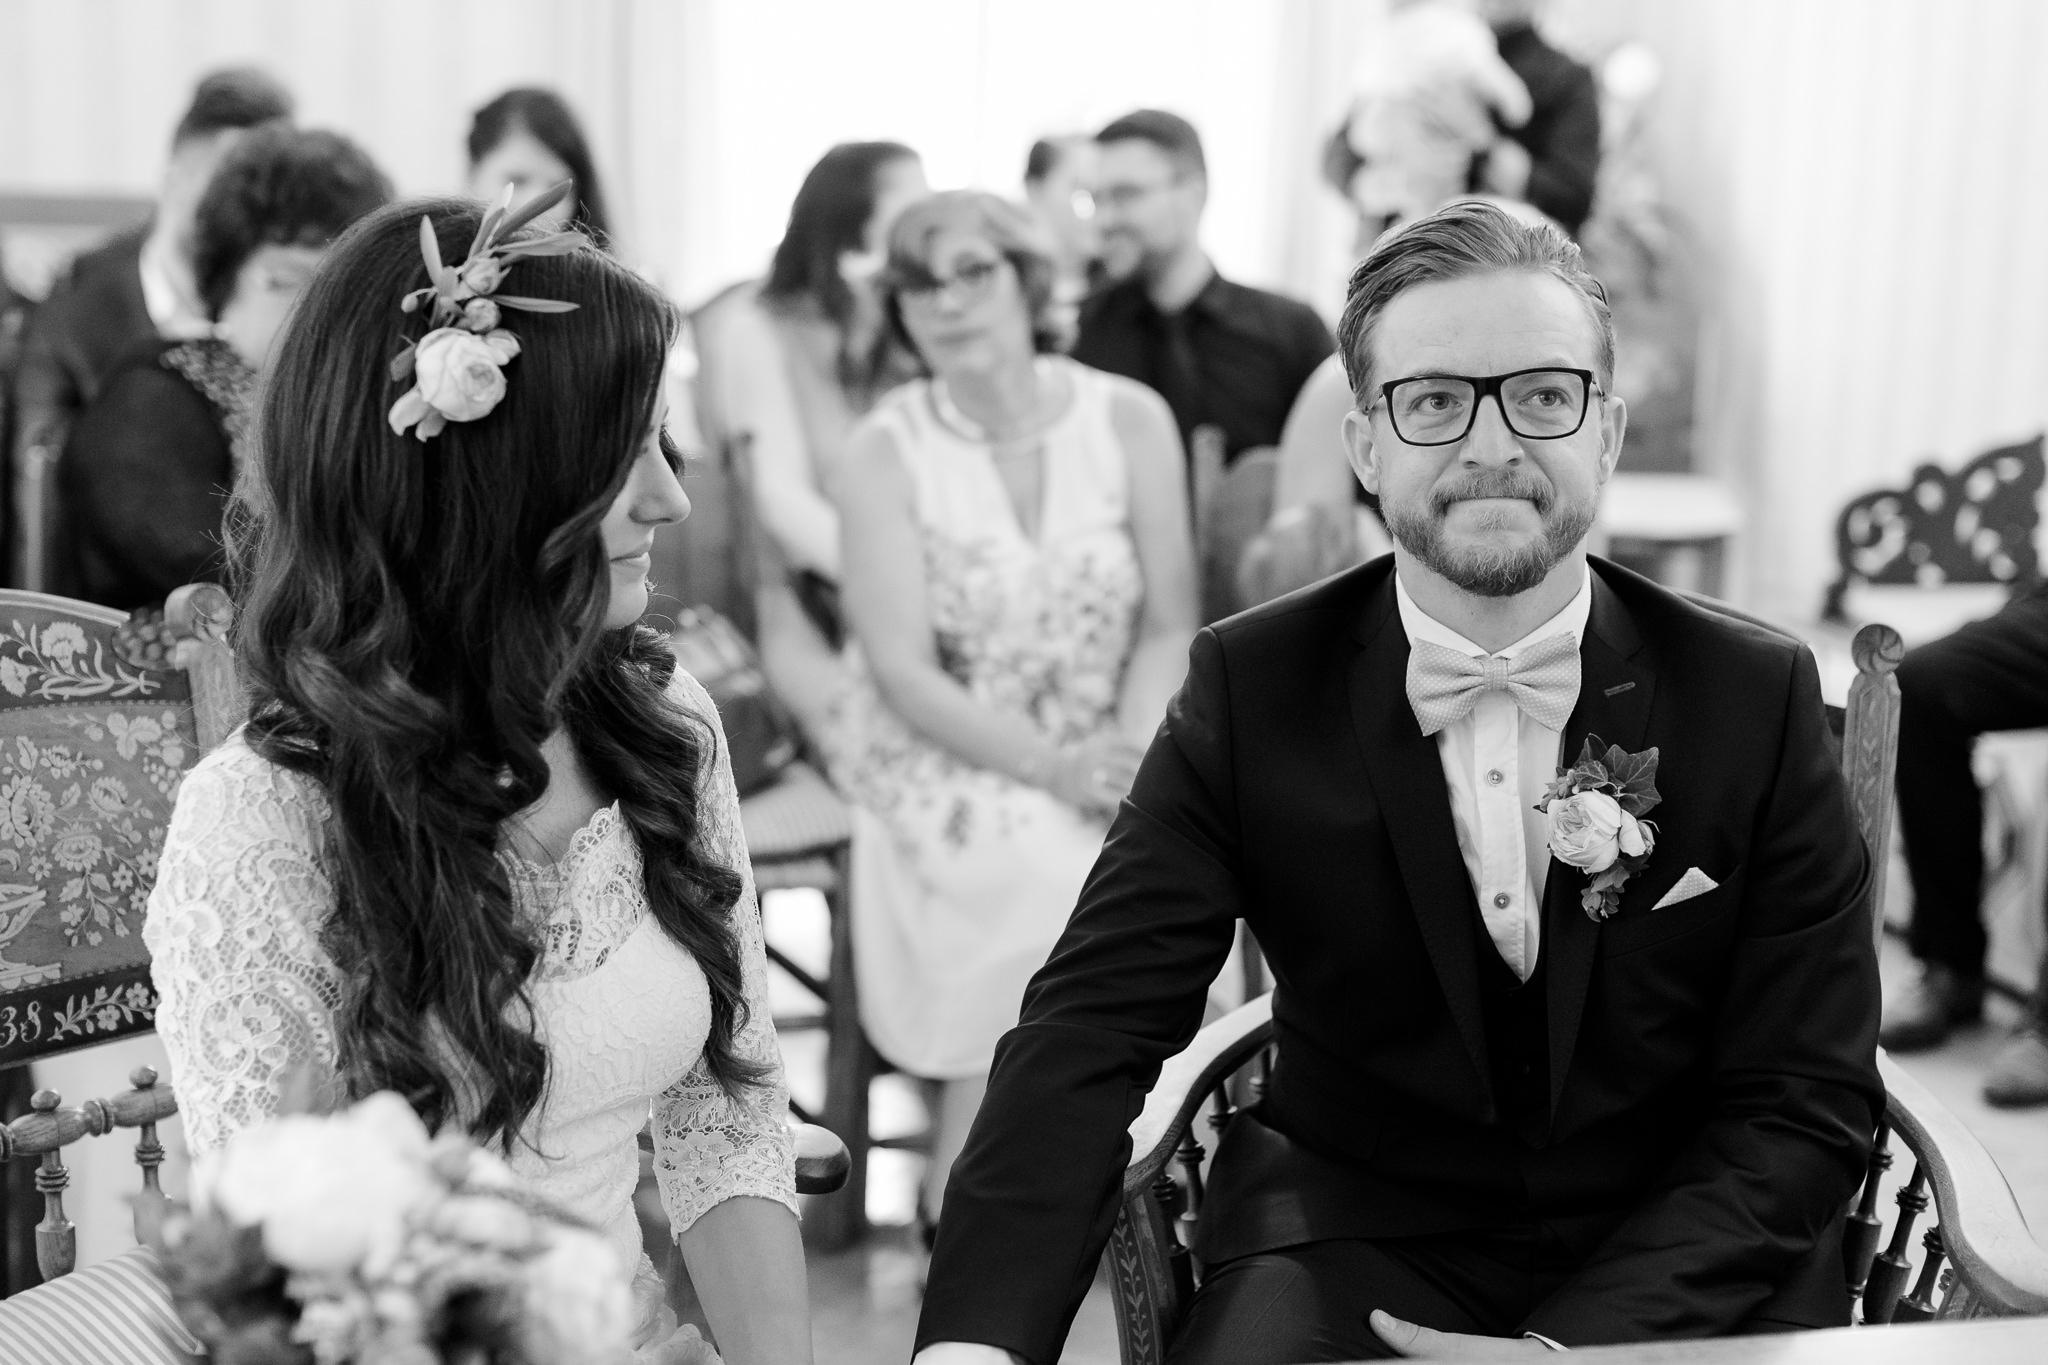 Hochzeitsfotografie Hamburg - Bräutigam ist bei Traurede ganz gerührt